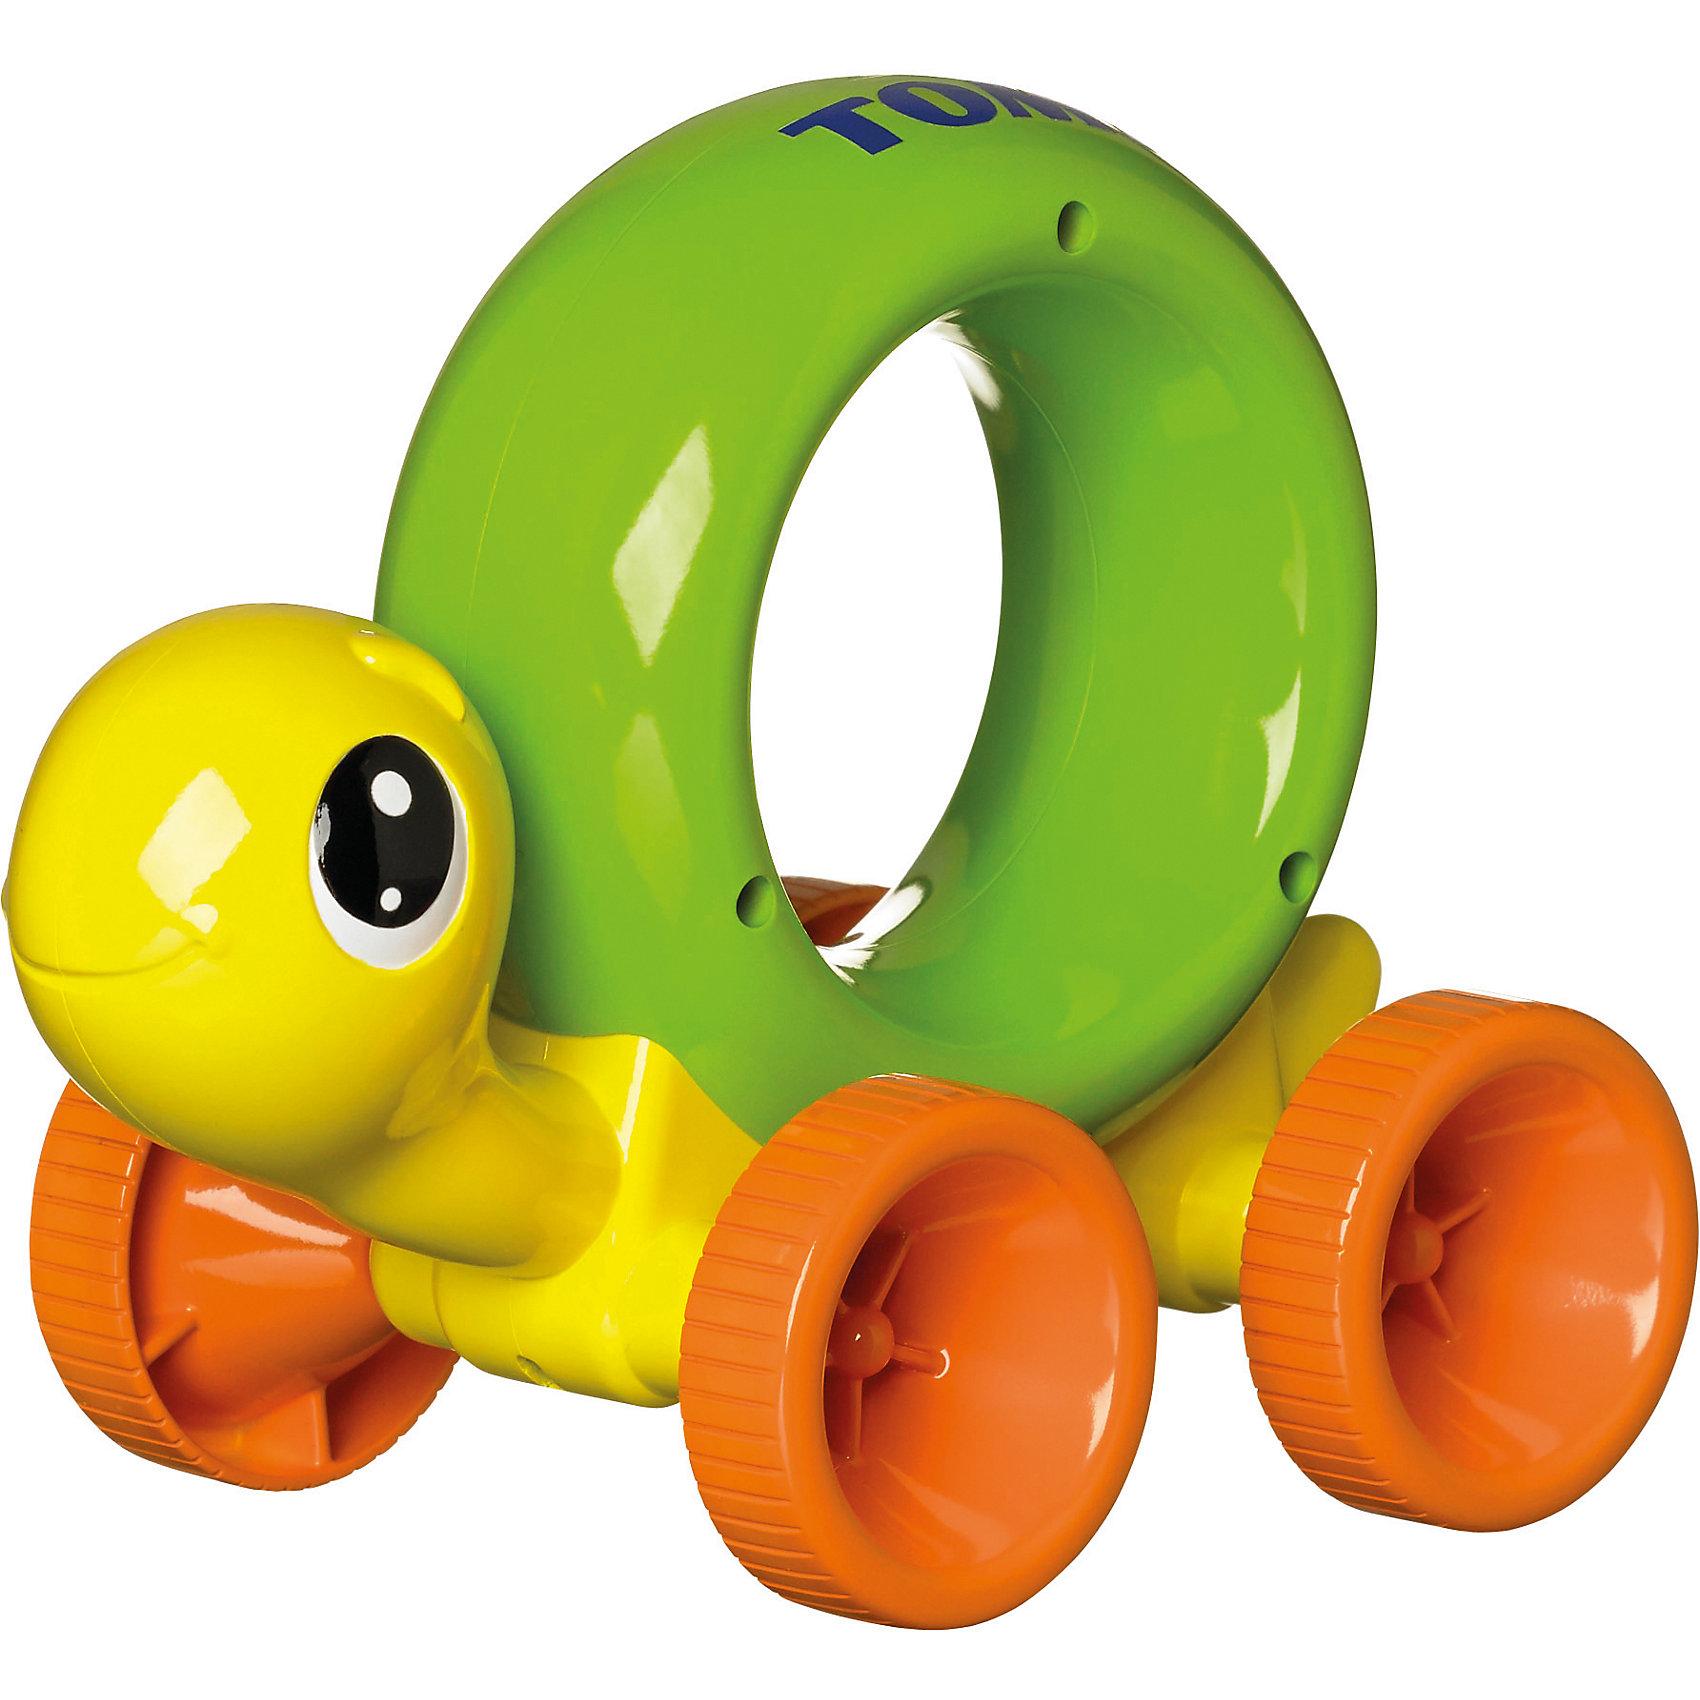 Игрушка Нажимай и Играй - Черепашка, TOMYИгрушки для малышей<br>Эта забавная черепашка поможет вашему малышу научиться быстро ползать, порадует его яркой расцветкой, подарит хорошее настроение. Игрушка изготовлена из гипоаллергенного материала, не имеет острых углов, абсолютно безопасна для ребенка. Панцирь черепашки выполнен в виде кольца, за которое очень удобно держаться маленькой детской ручкой. Малыш будет катить черепашку впереди себя, нажимая на панцирь, игрушка начнет ускоряться - кроха будет ползти за ней. <br><br>Дополнительная информация:<br><br>- Материал: пластик.<br>- Высота: 17х11х14 см.<br>- Цвет: желтый, оранжевый, светло-зеленый.<br><br>Игрушку Нажимай и Играй - Черепашка, TOMY (Томи) можно купить в нашем магазине.<br><br>Ширина мм: 210<br>Глубина мм: 125<br>Высота мм: 160<br>Вес г: 360<br>Возраст от месяцев: 9<br>Возраст до месяцев: 36<br>Пол: Унисекс<br>Возраст: Детский<br>SKU: 3922278